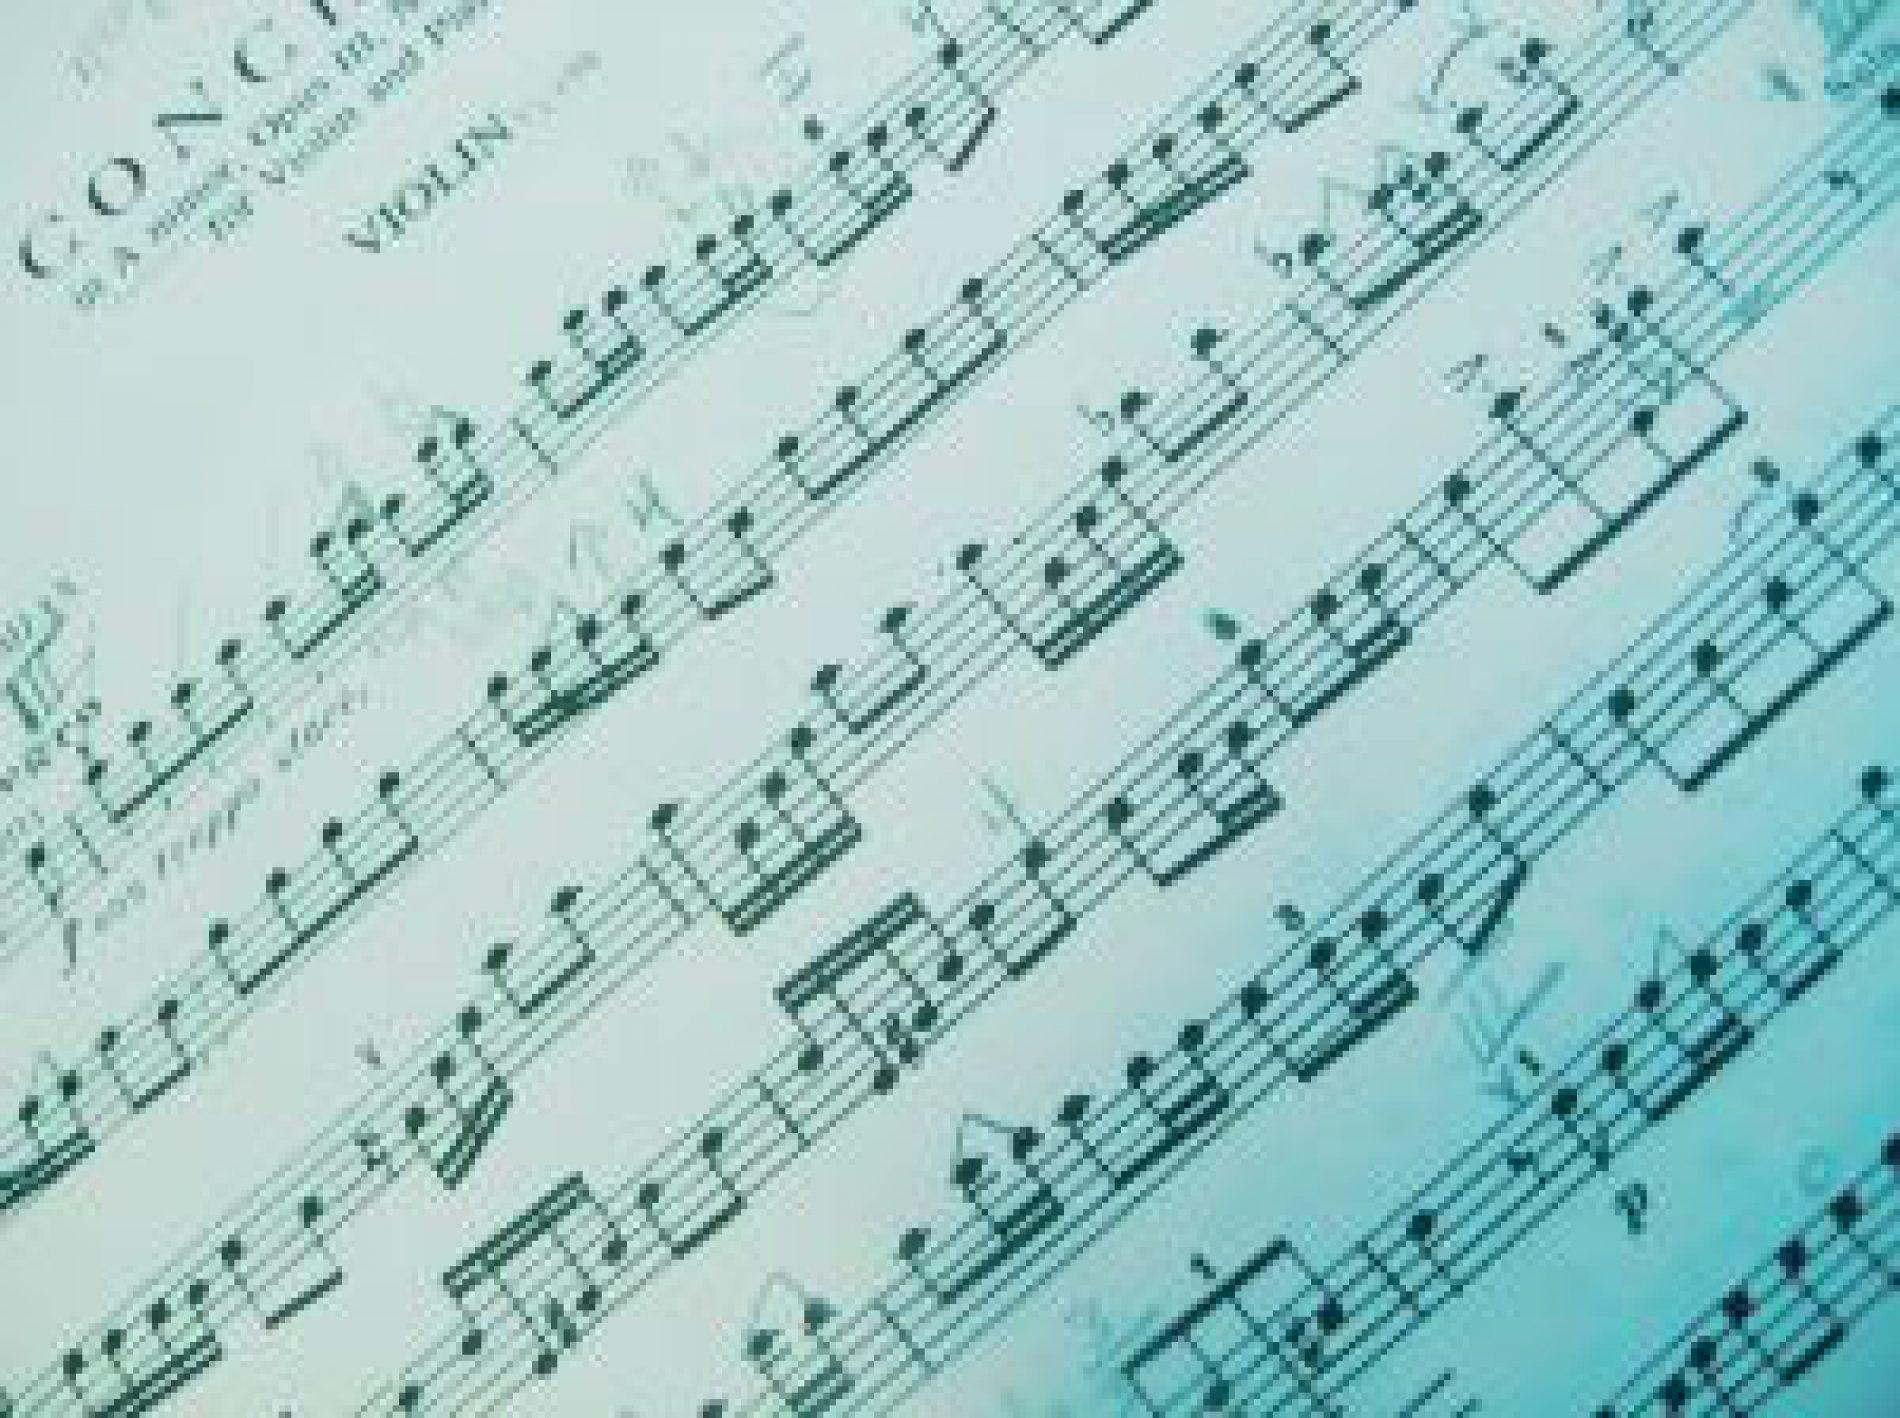 Krzysztof Penderecki świętuje 80. urodziny w warmińsko – mazurskiej filharmonii